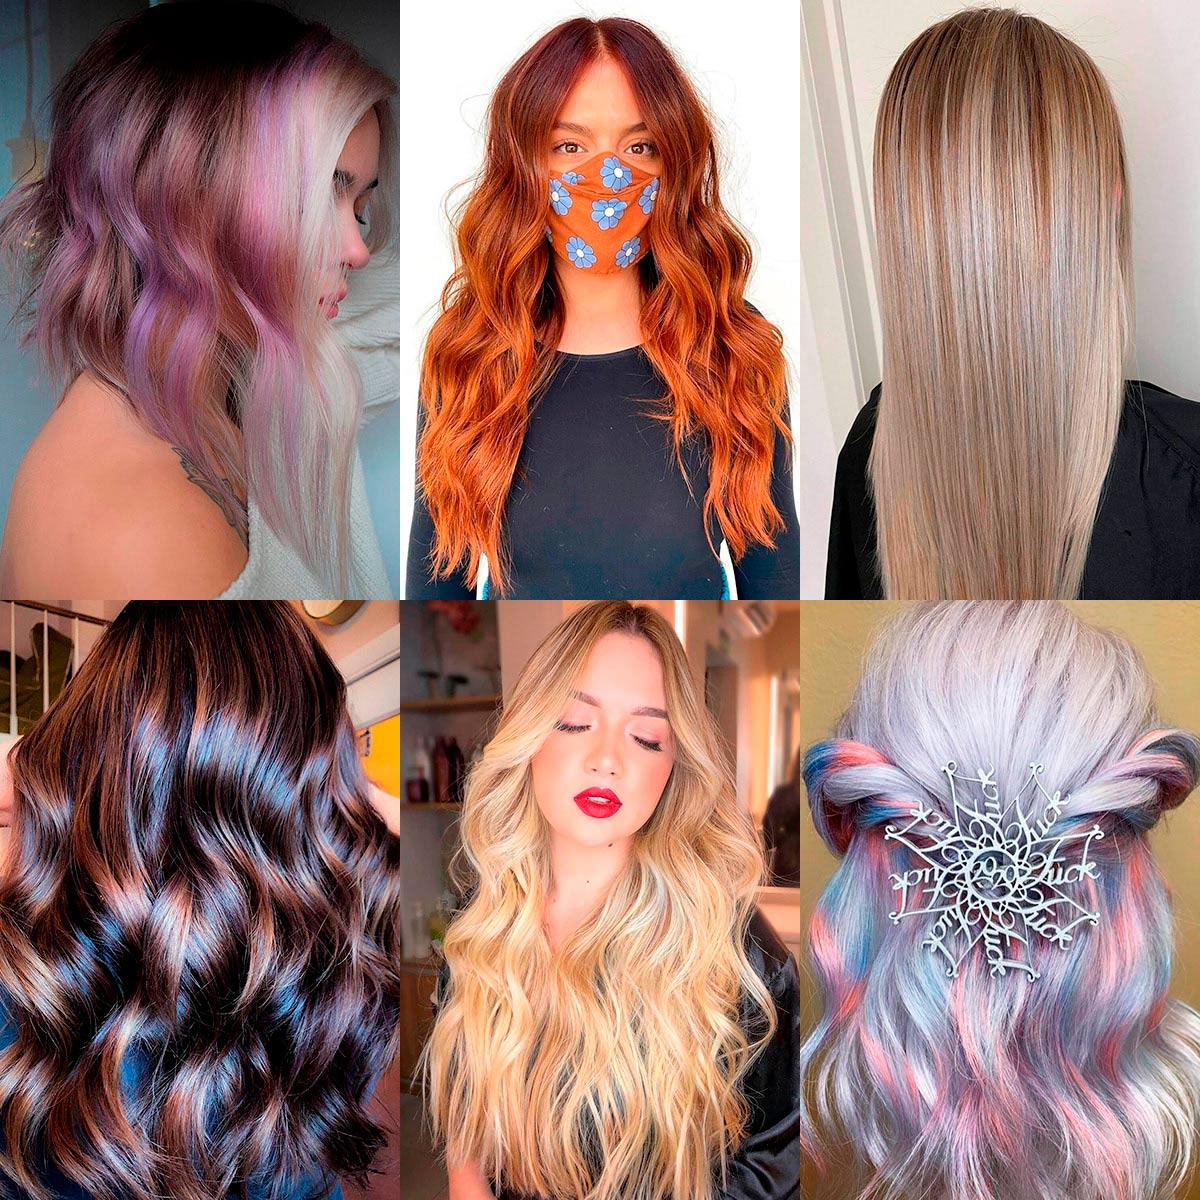 Модное окрашивание волос 2021 (100 фото): цвет - для коротких, средних, длинных